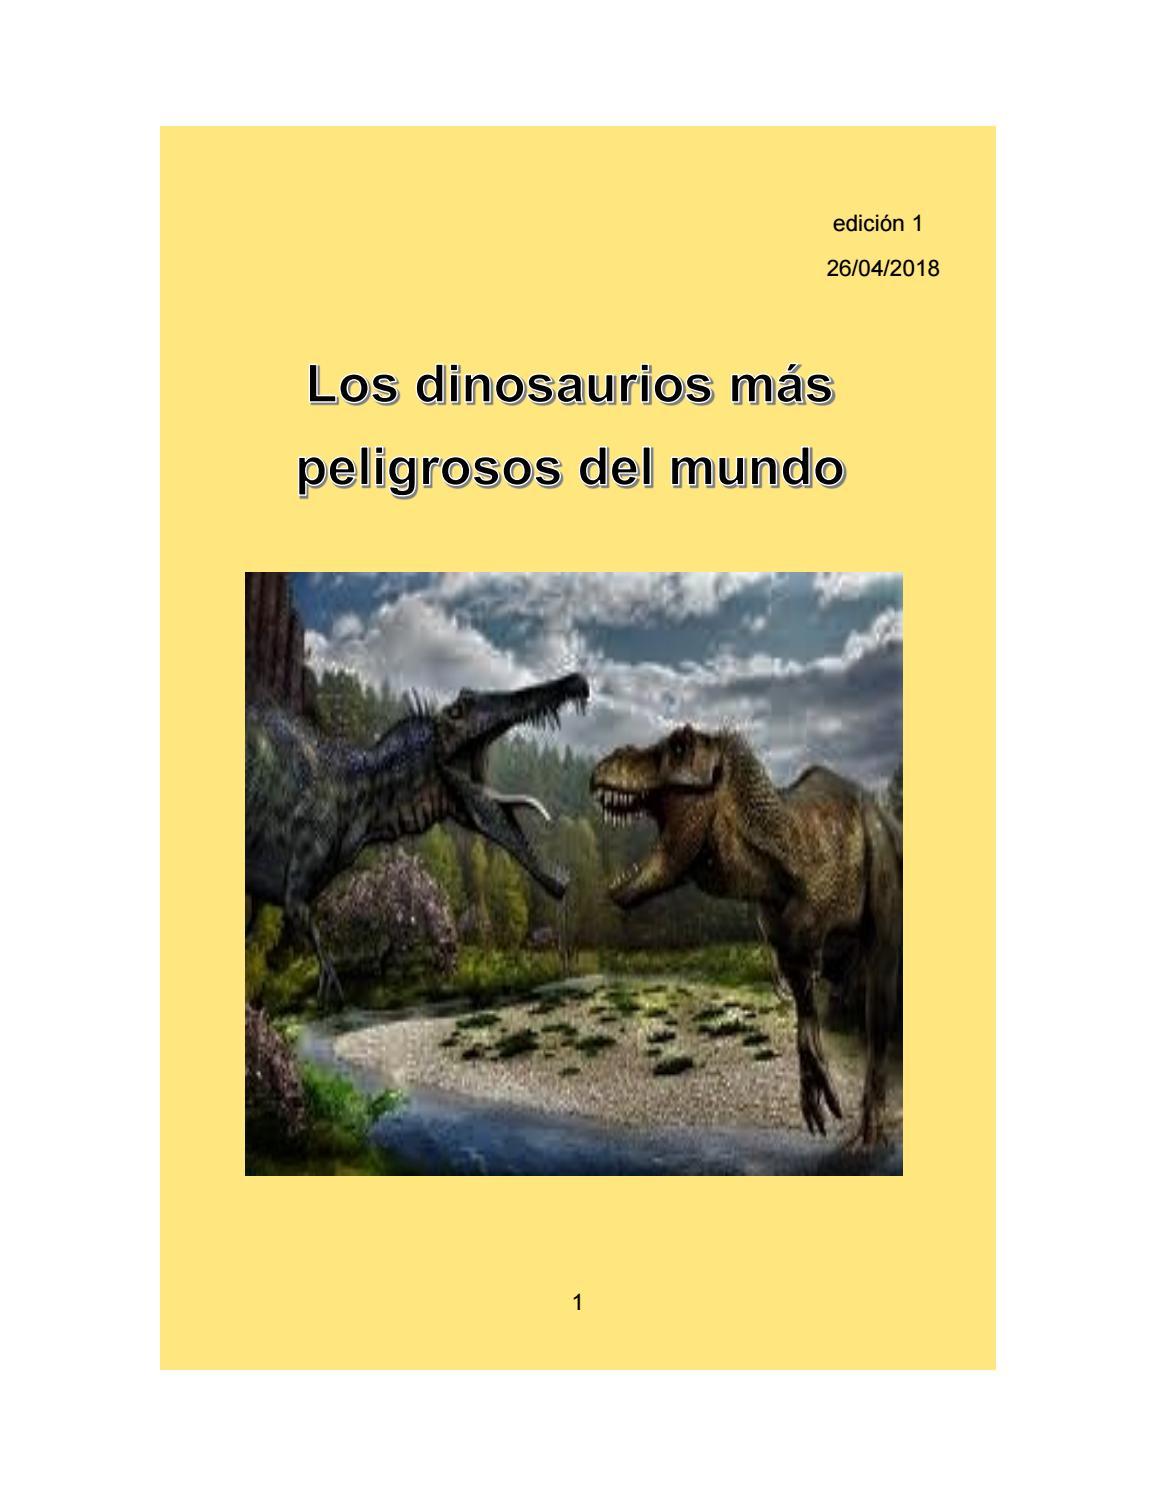 Los Dinosaurios Mas Peligrosos By Jose Cazares Issuu Los dinosaurios son animales que habitaron nuestro planeta hace millones de años. issuu